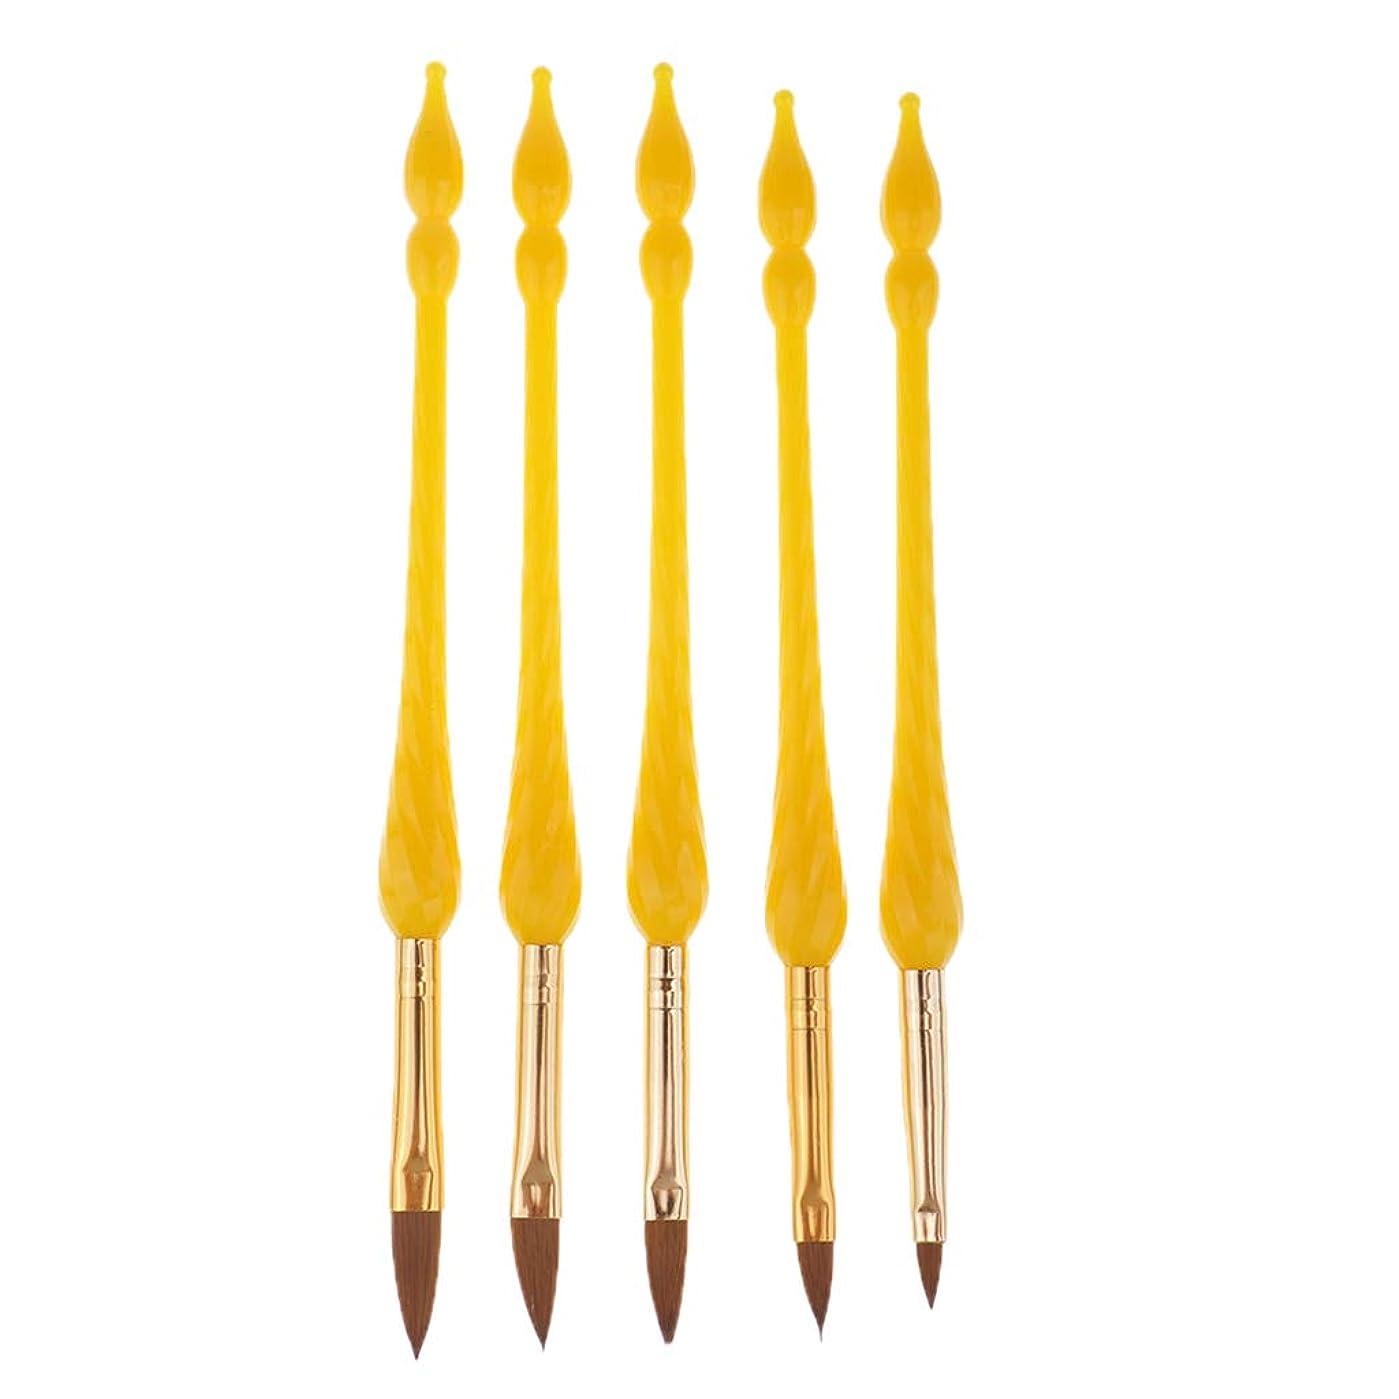 すみません精度ドールperfk 5本 ネイルアートペン プロ ネイルアートブラシ 3色選べ - 黄